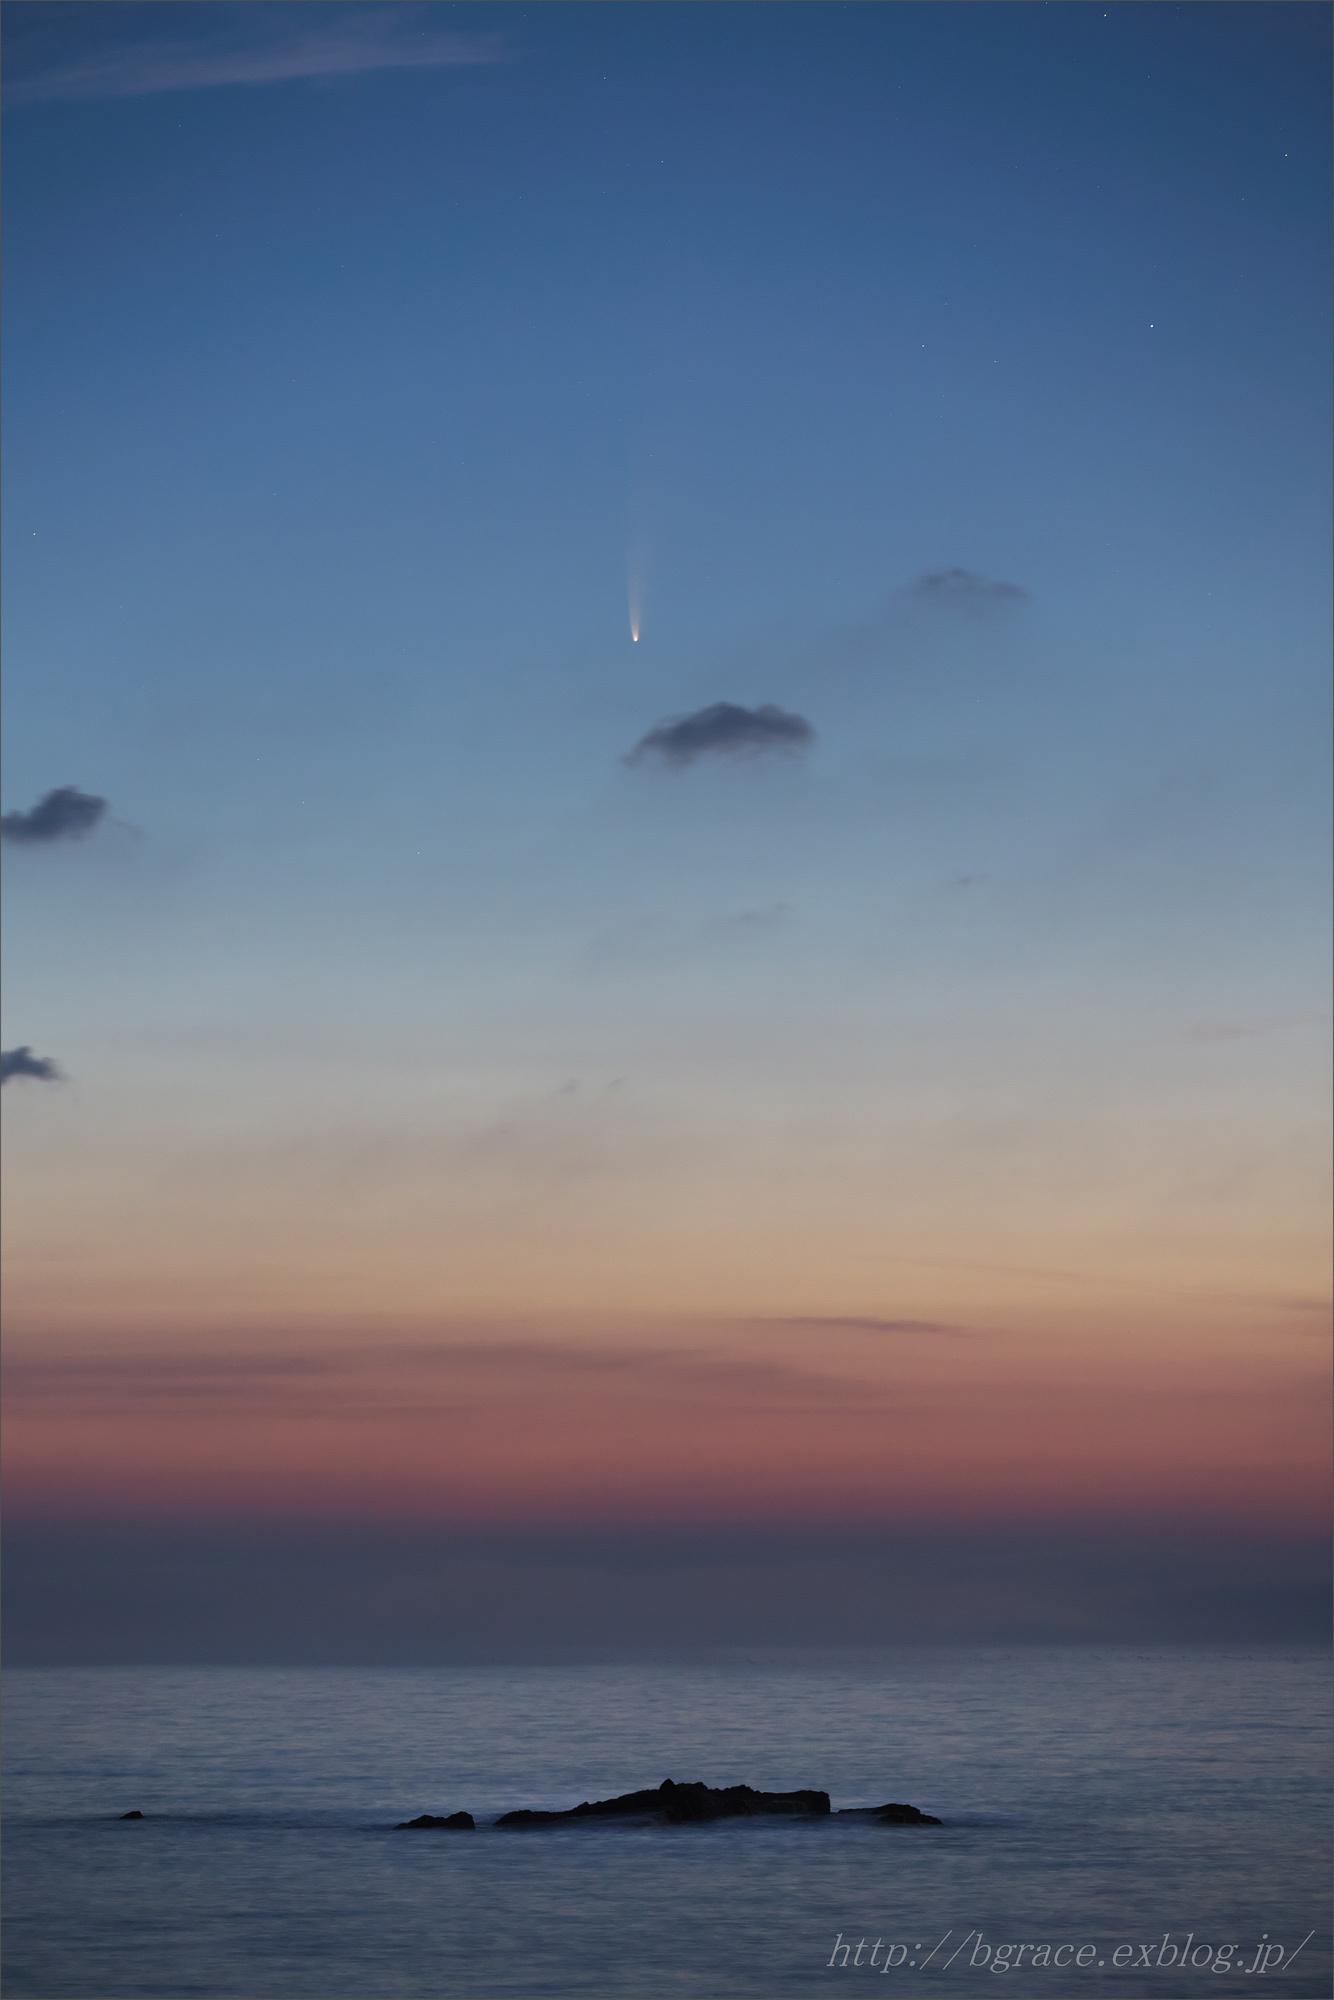 ネオワイズ彗星  C/2020F3 岩手県 前半_b0191074_16485550.jpg